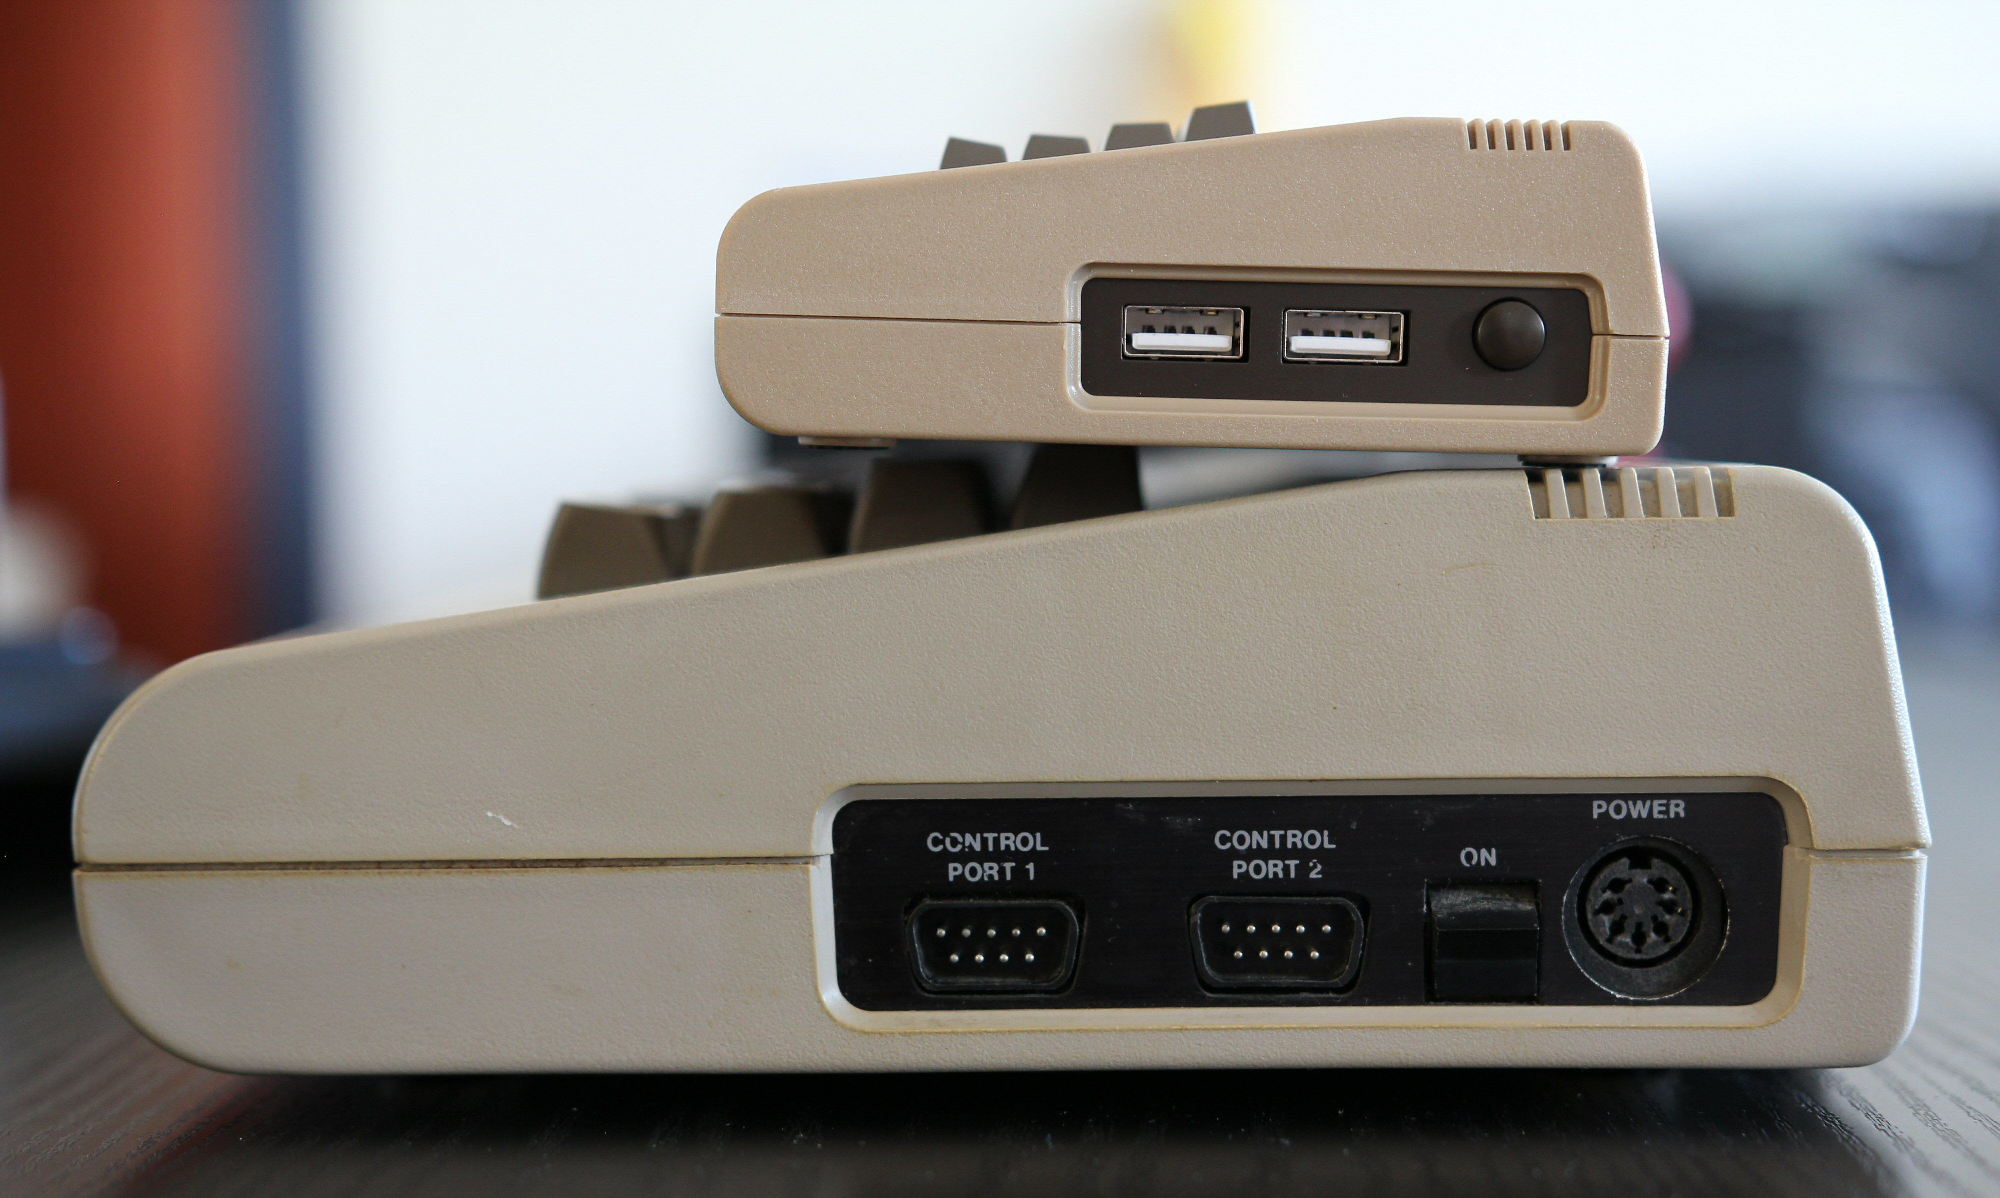 TEST: The C64 Mini